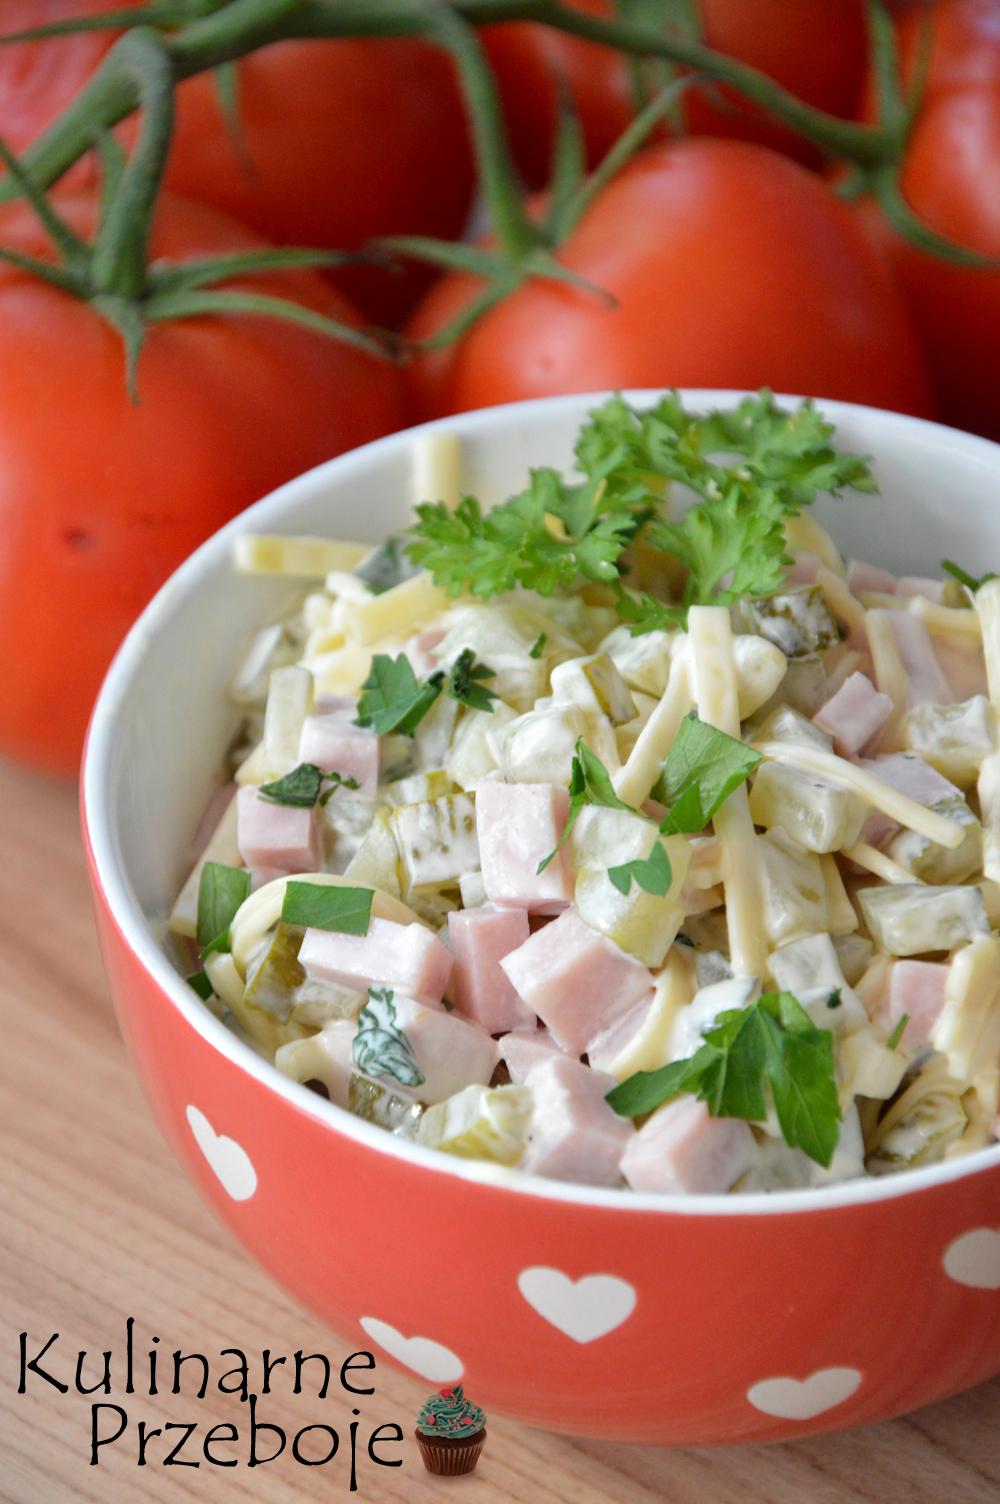 Pyszna sałatka z serem, ogórkiem konserwowym i szynką